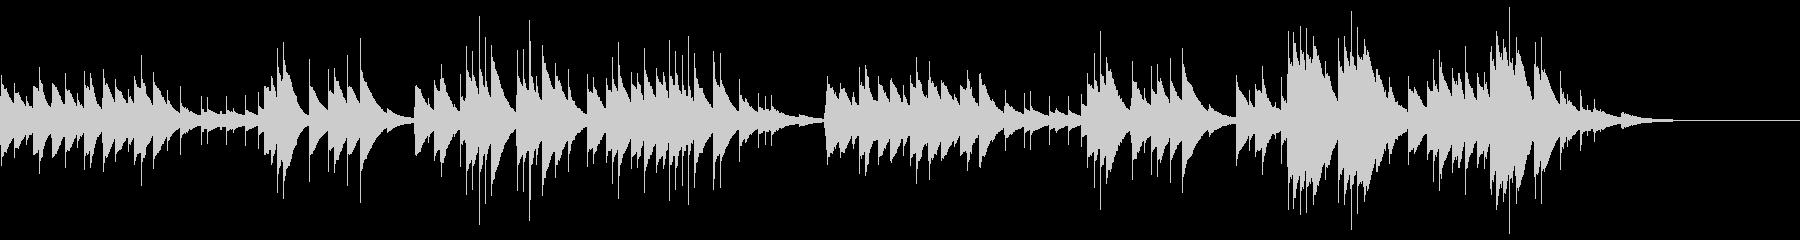 オルゴールソロによる穏やかな曲です。色…の未再生の波形